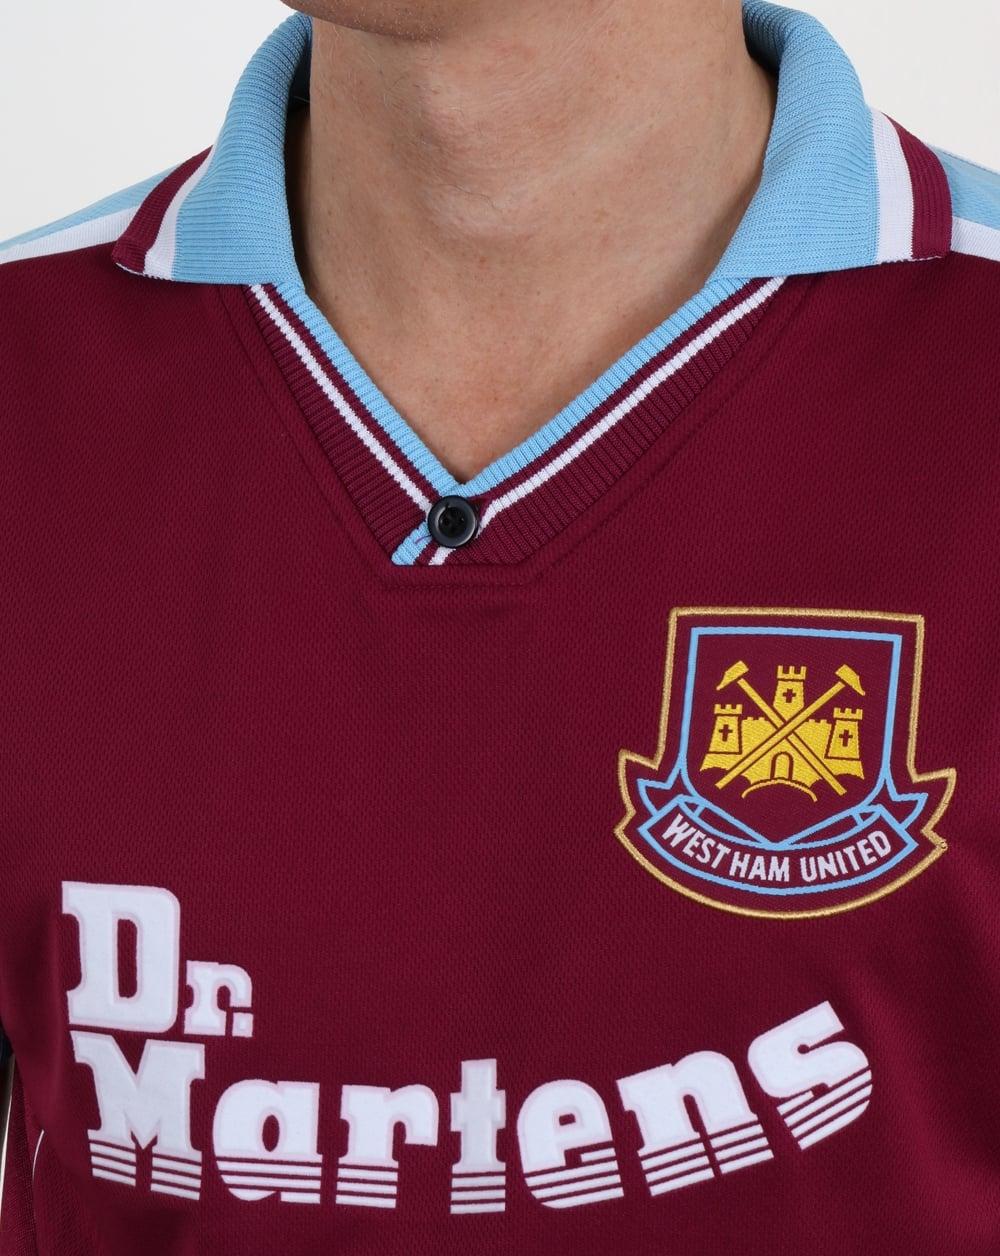 80s Casual Classics West Ham 2000 Retro Football Shirt Claret 2068c4b3c